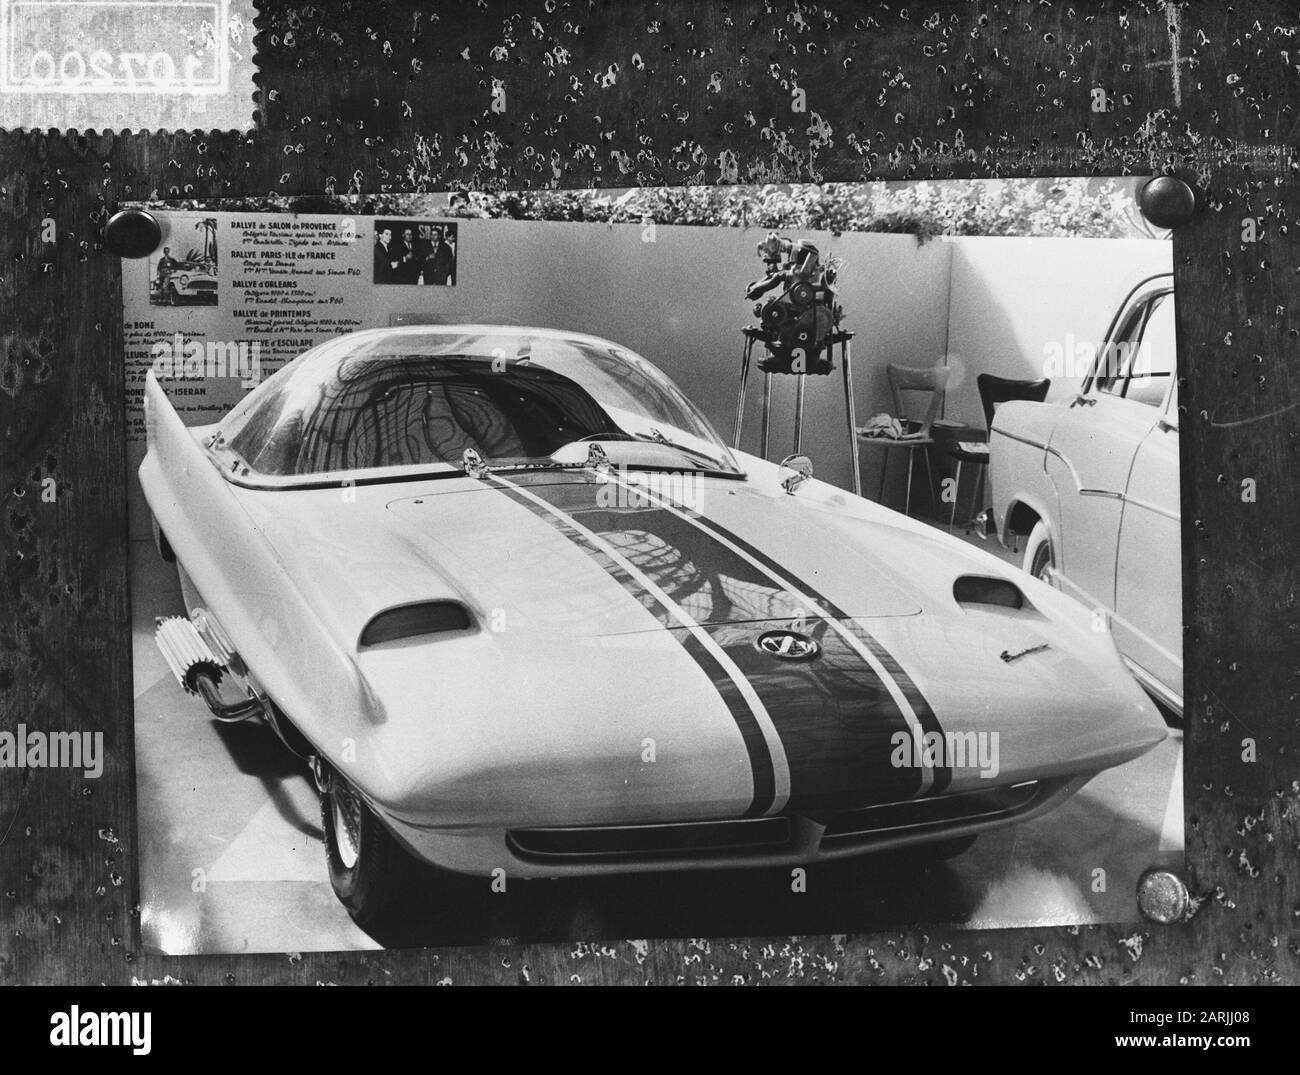 Salon de Lautomobile Paris de Simca Talbot Date: 7 October 7